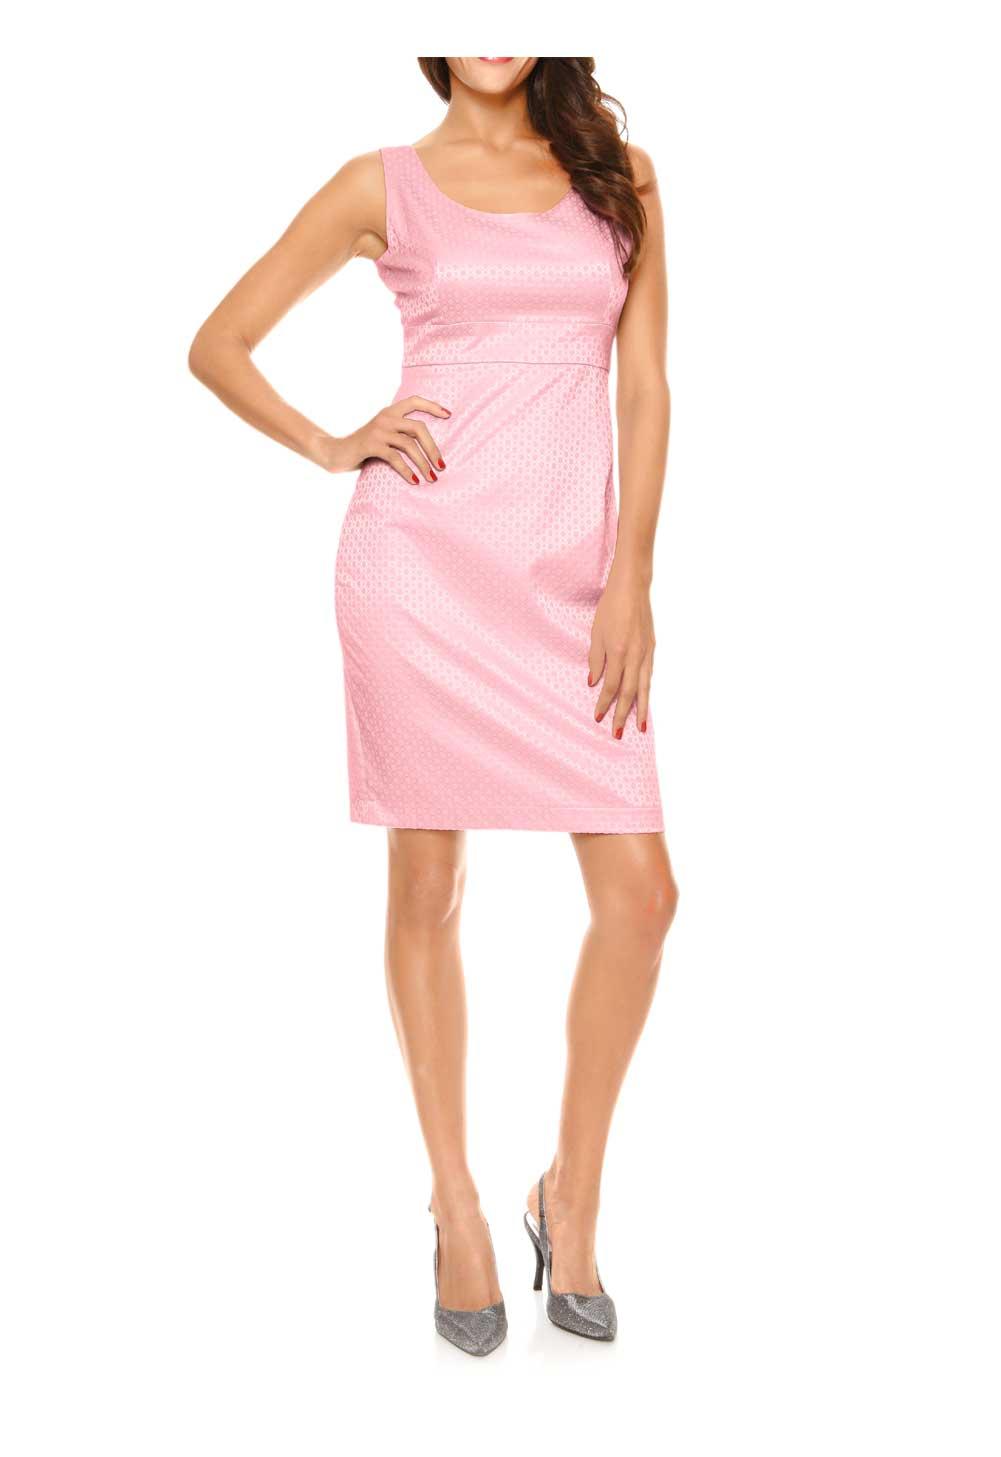 kurzes kleid für besondere anlässe Jacquard-Etuikleid, rosé von Ashley Brooke event Grösse 52 007.100 Missforty